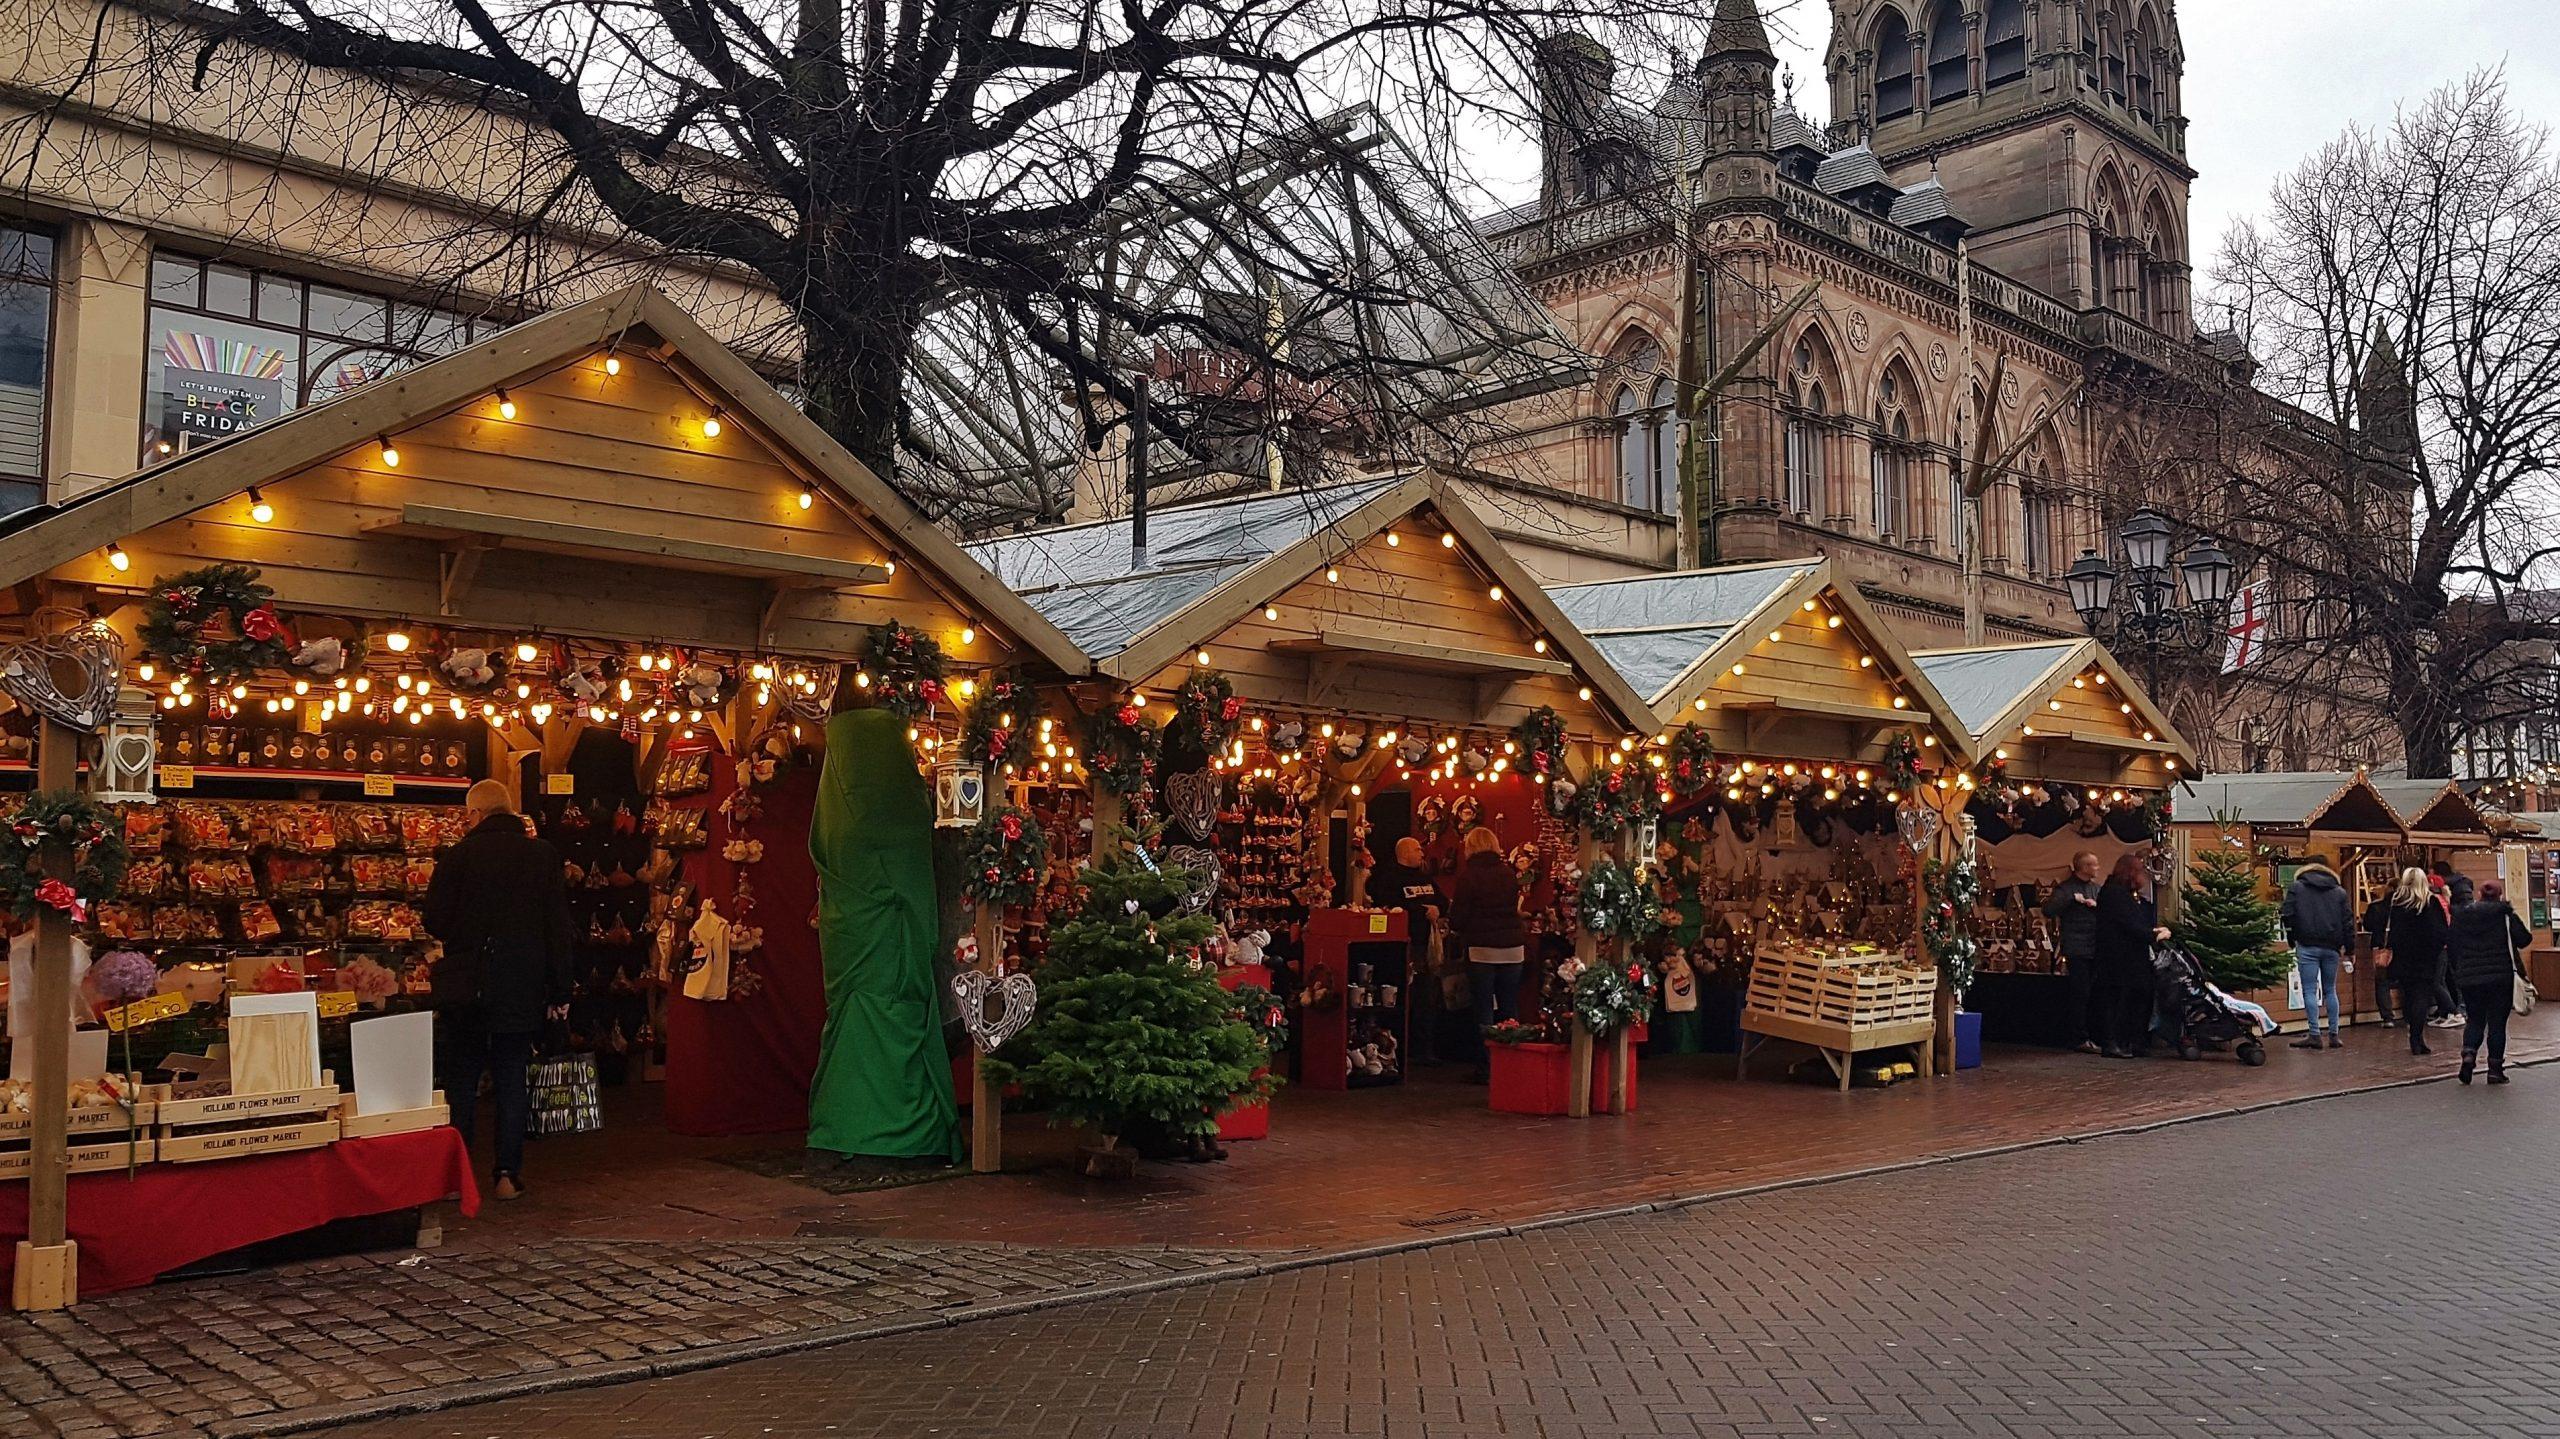 Feeling Festive at Chester Christmas Market